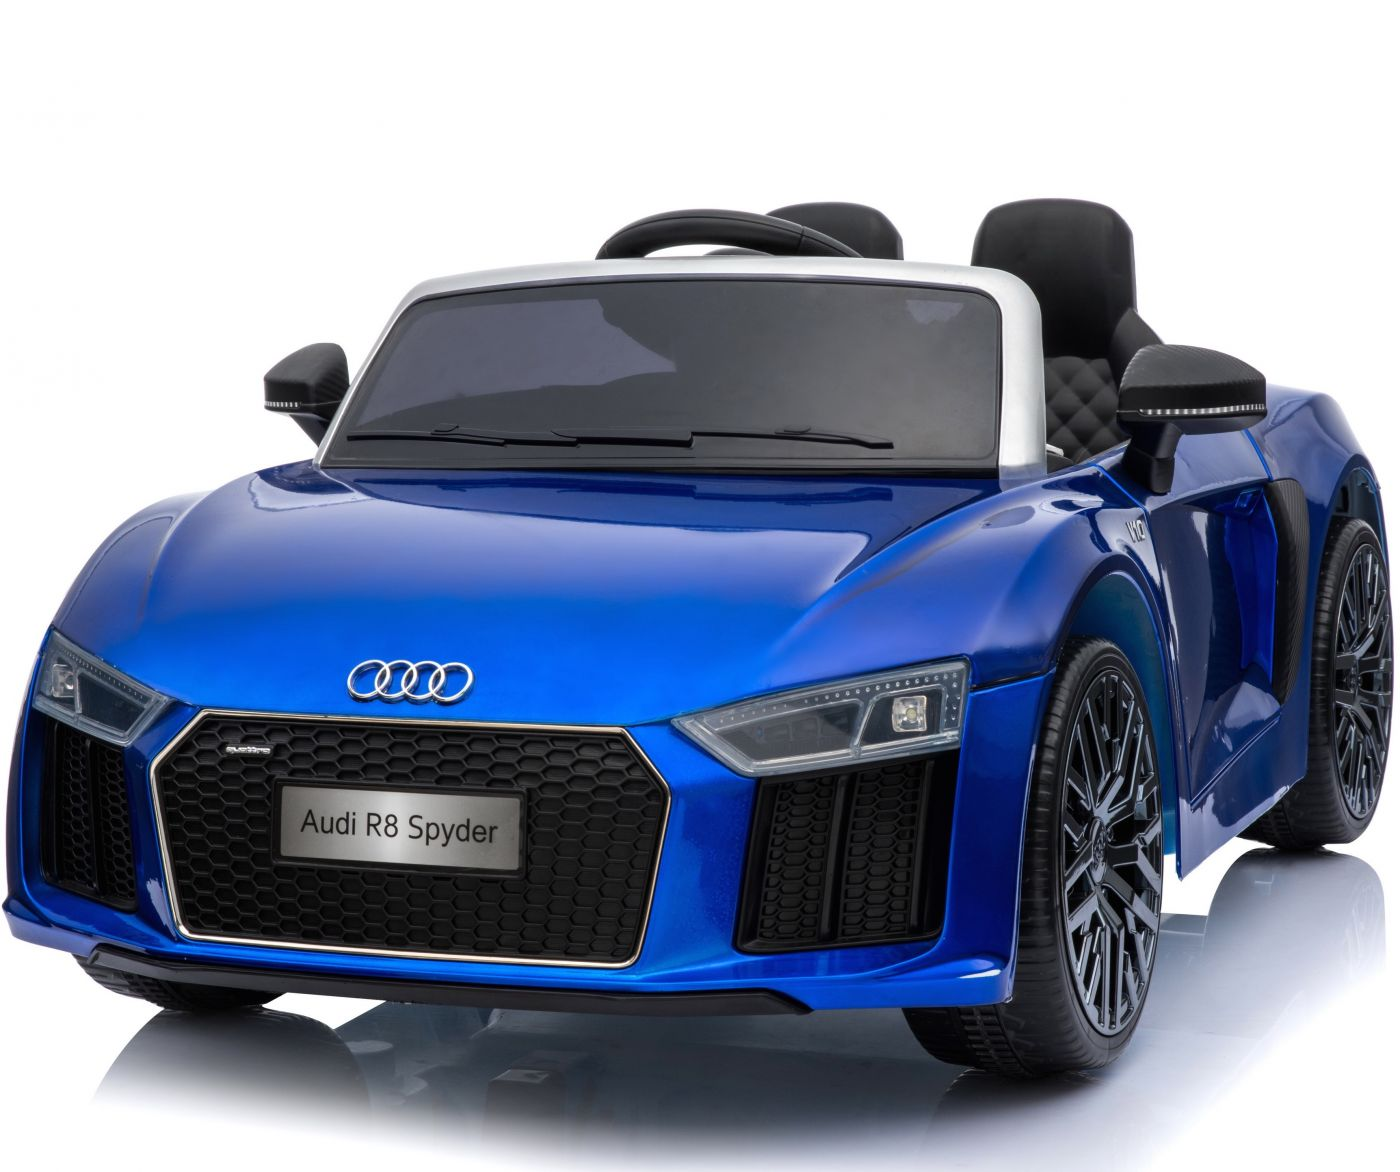 New Shape Licensed Audi R11 Spyder 11V Children's Electric Ride On Toy Car -  Blue | audi car toy